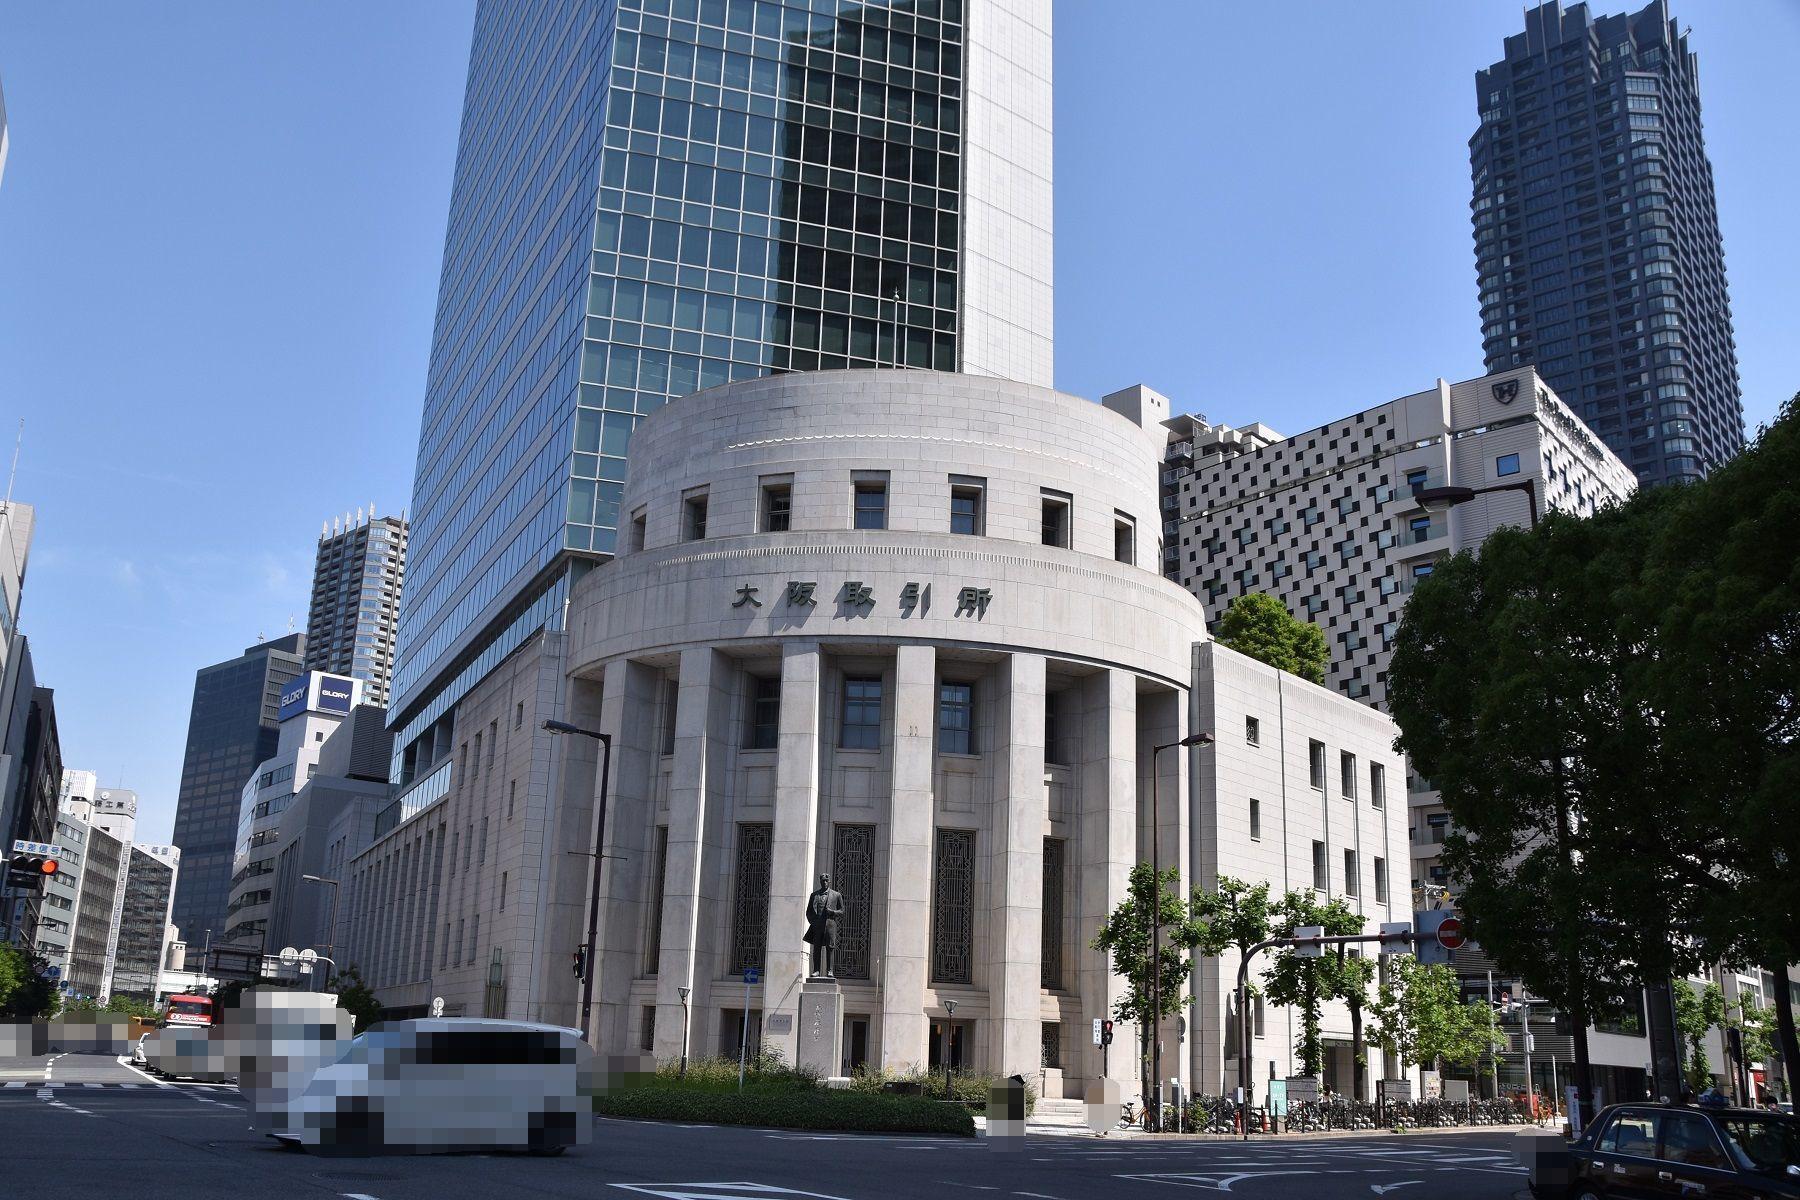 証券 取引 所 大阪